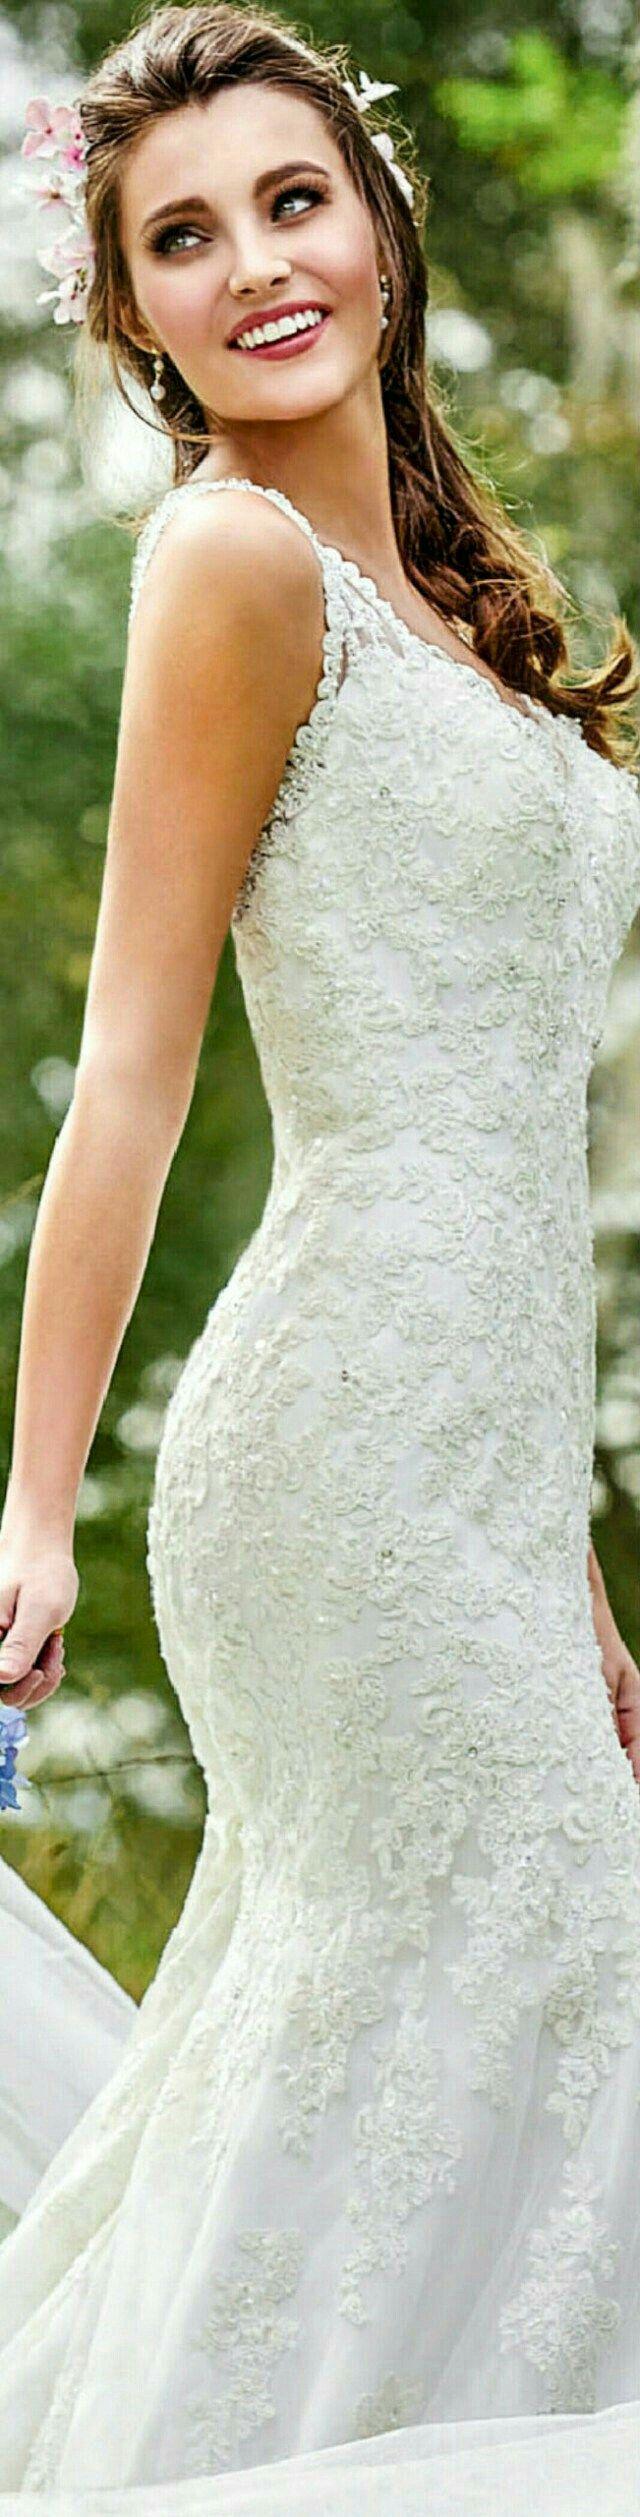 15 besten Mikaella Bilder auf Pinterest | Hochzeitskleider ...